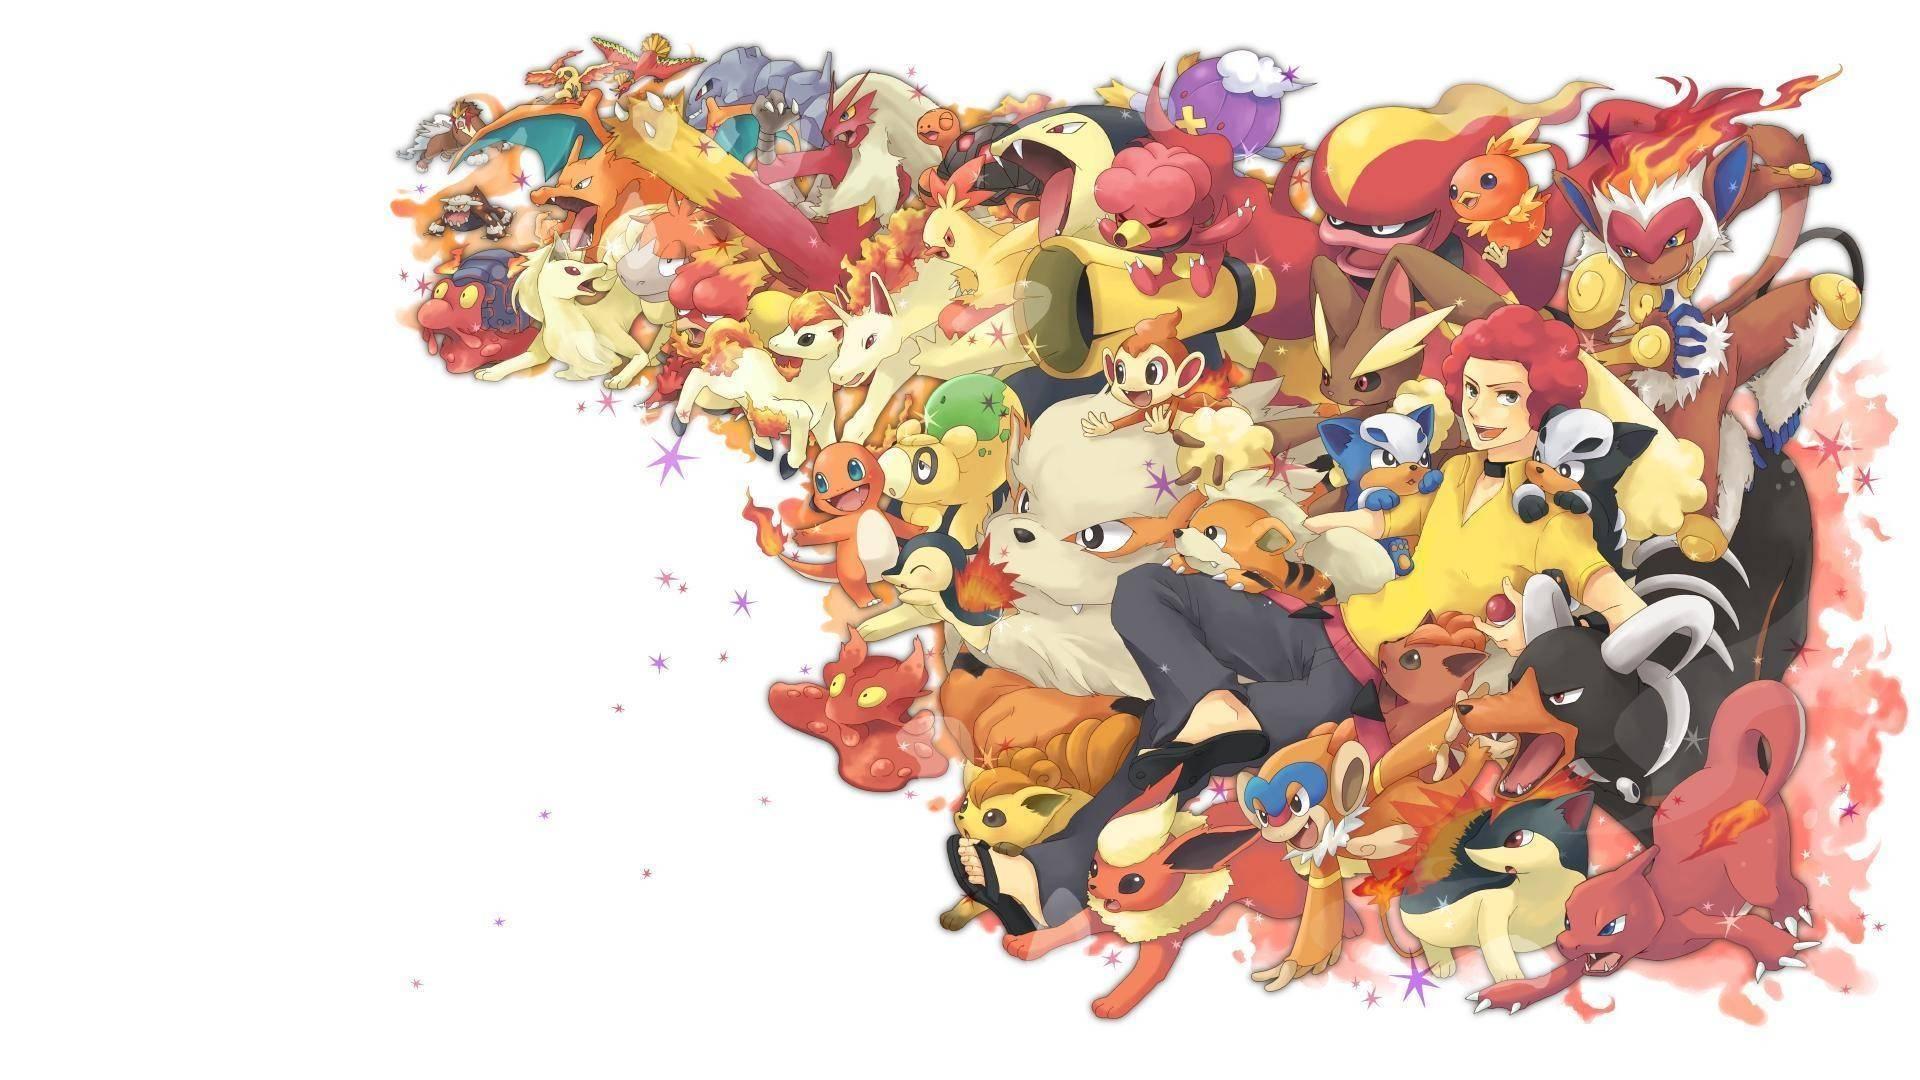 Pokemon wallpaper 46